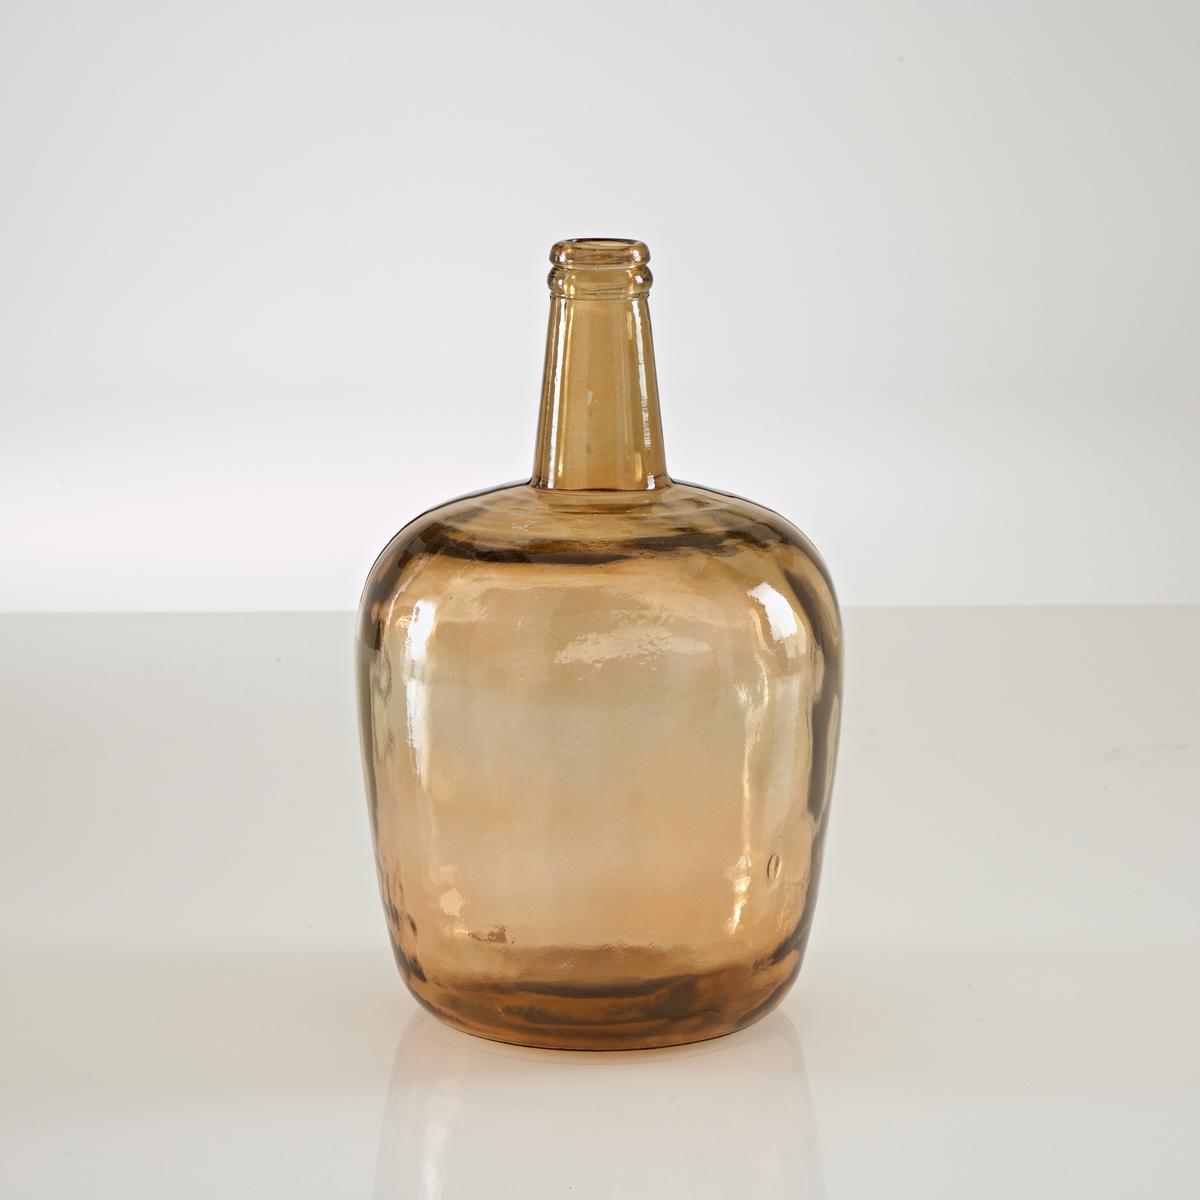 Ваза-бутыль стеклянная, IzoliaХарактеристики вазы-бутыли Izolia :Стекло с возможностью повторного использования Бутыль из выдуваемого стекла Izolia Всю коллекцию Izolia ищите на сайте laredoute.ruРазмеры вазы-бутыли Izolia :ОбщиеДиаметр : 23,5 см.Высота : 36,5 см.<br><br>Цвет: бирюзовый,розовый,темно-зеленый,янтарь<br>Размер: единый размер